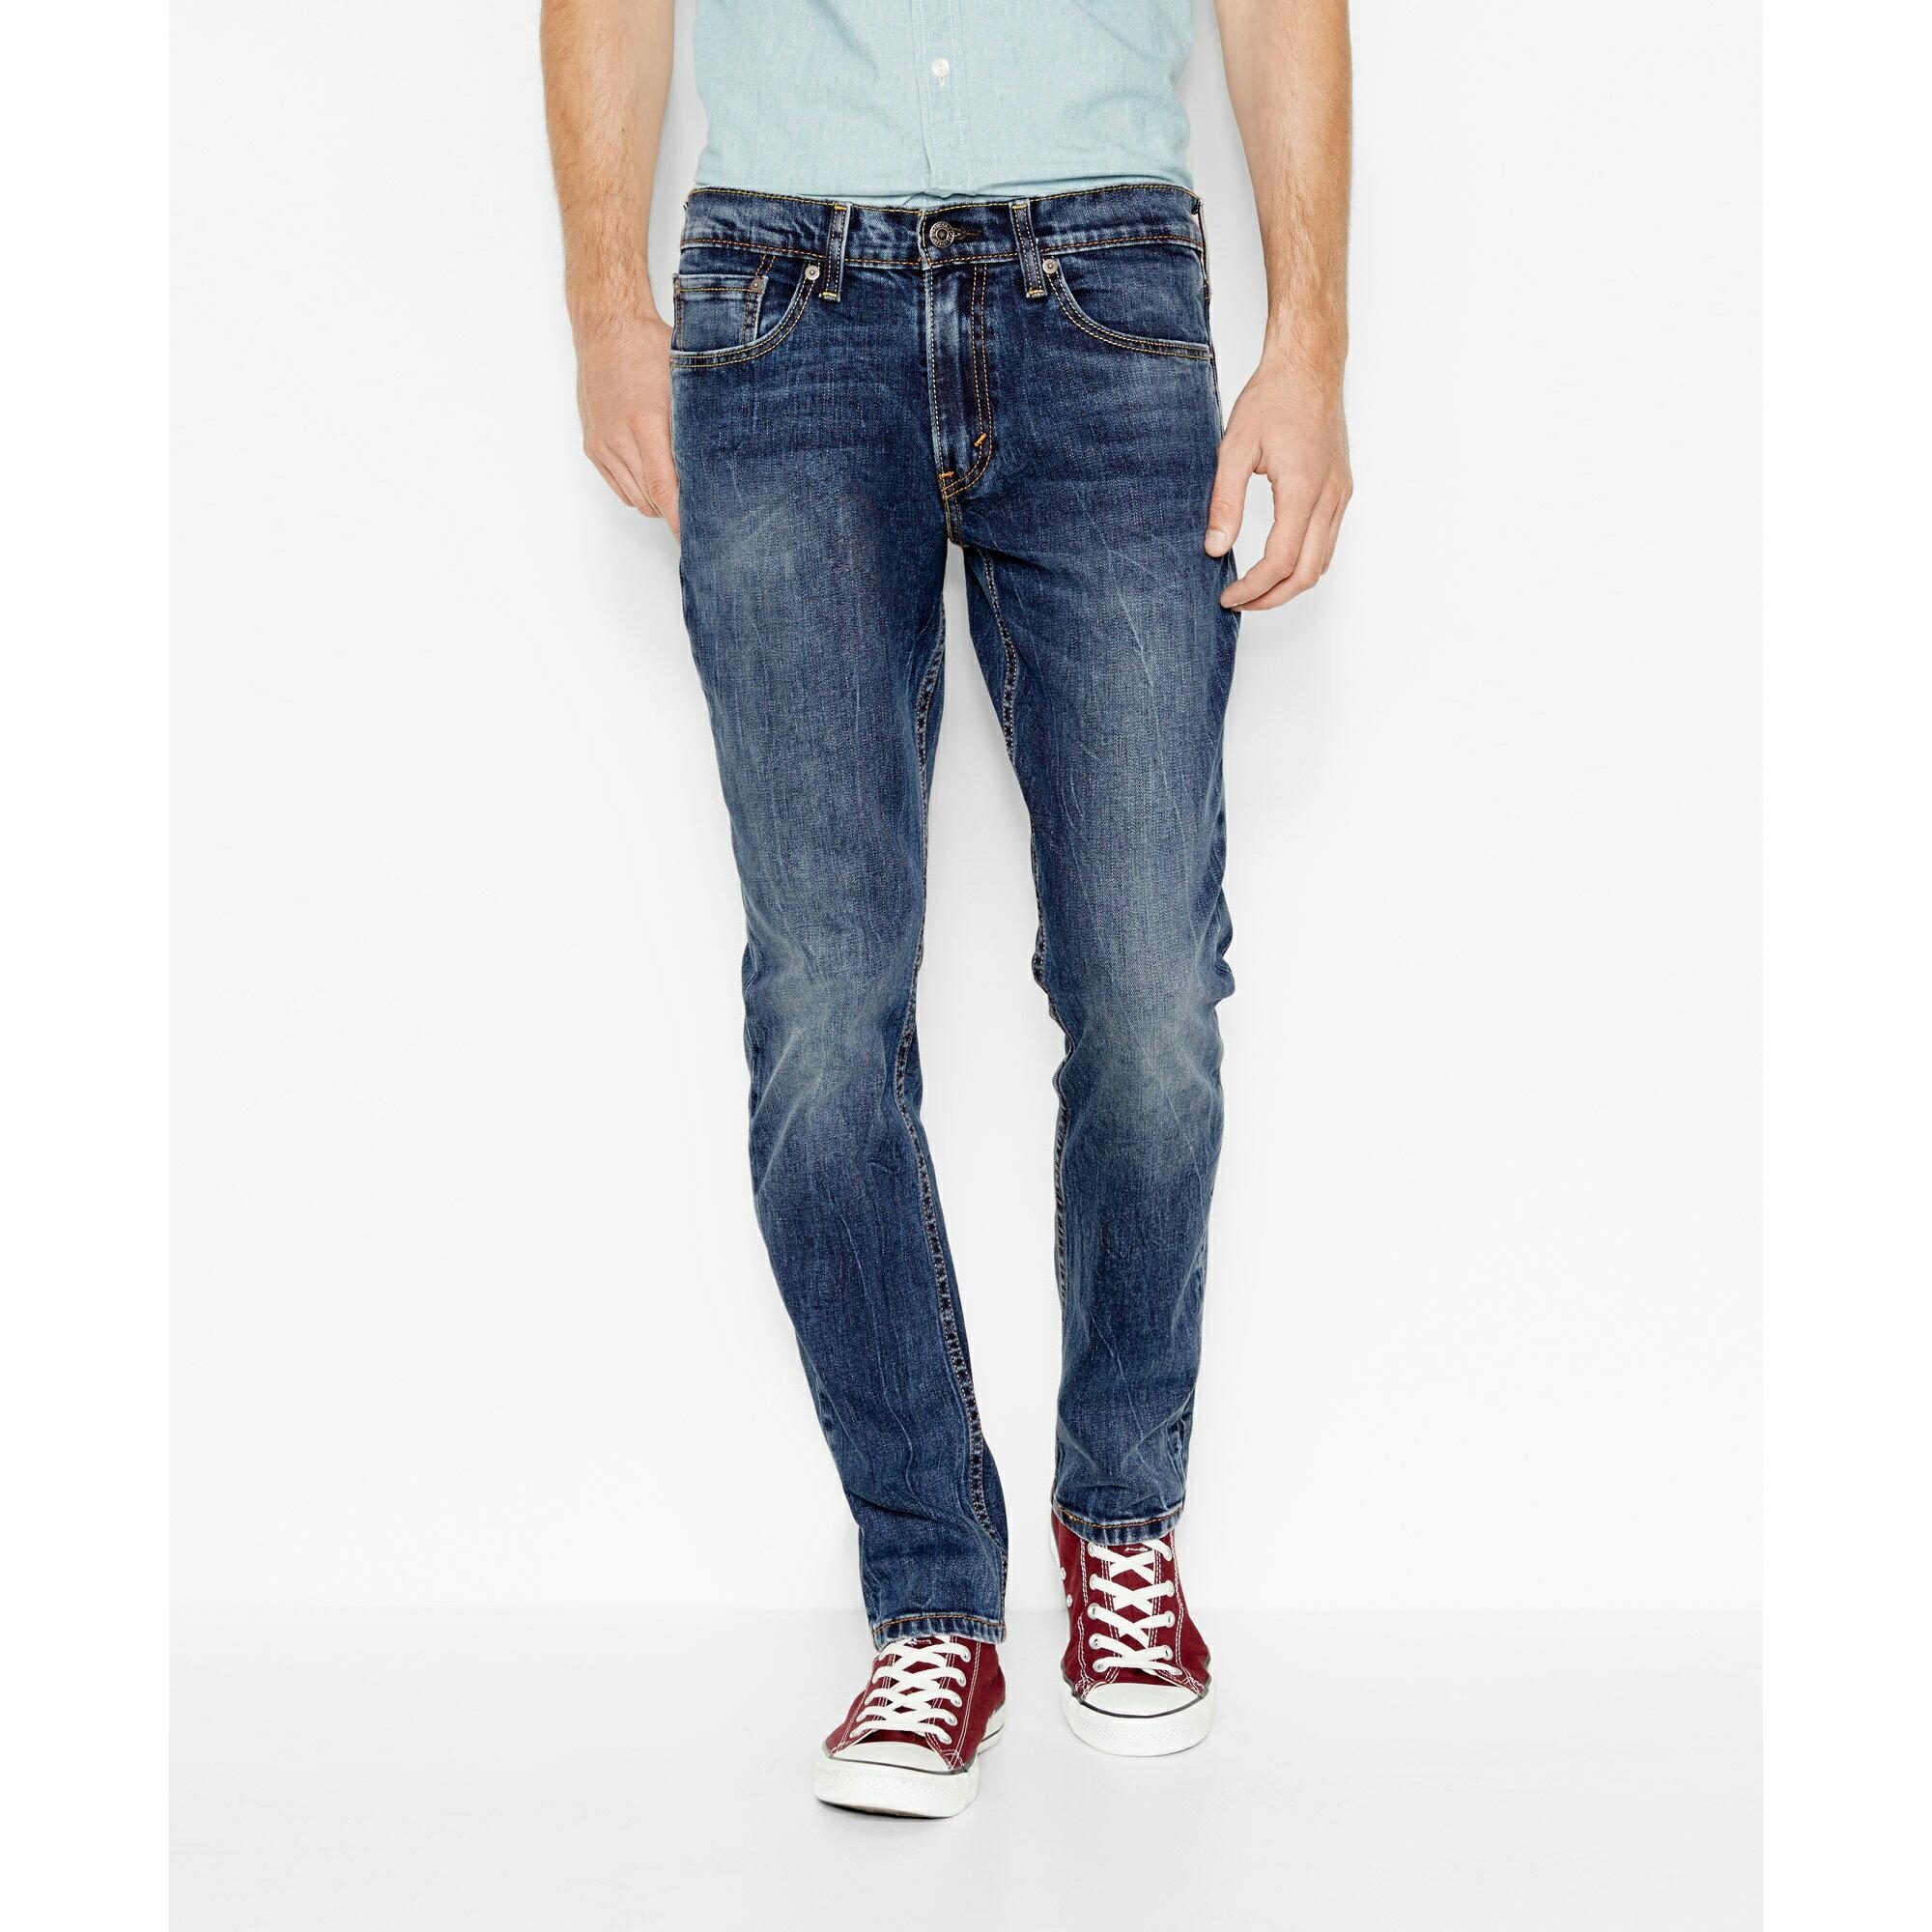 美國百分百【全新真品】Levis 511 Slim Fit 男款 牛仔褲 直筒褲 合身 30 32 34腰 藍 E264